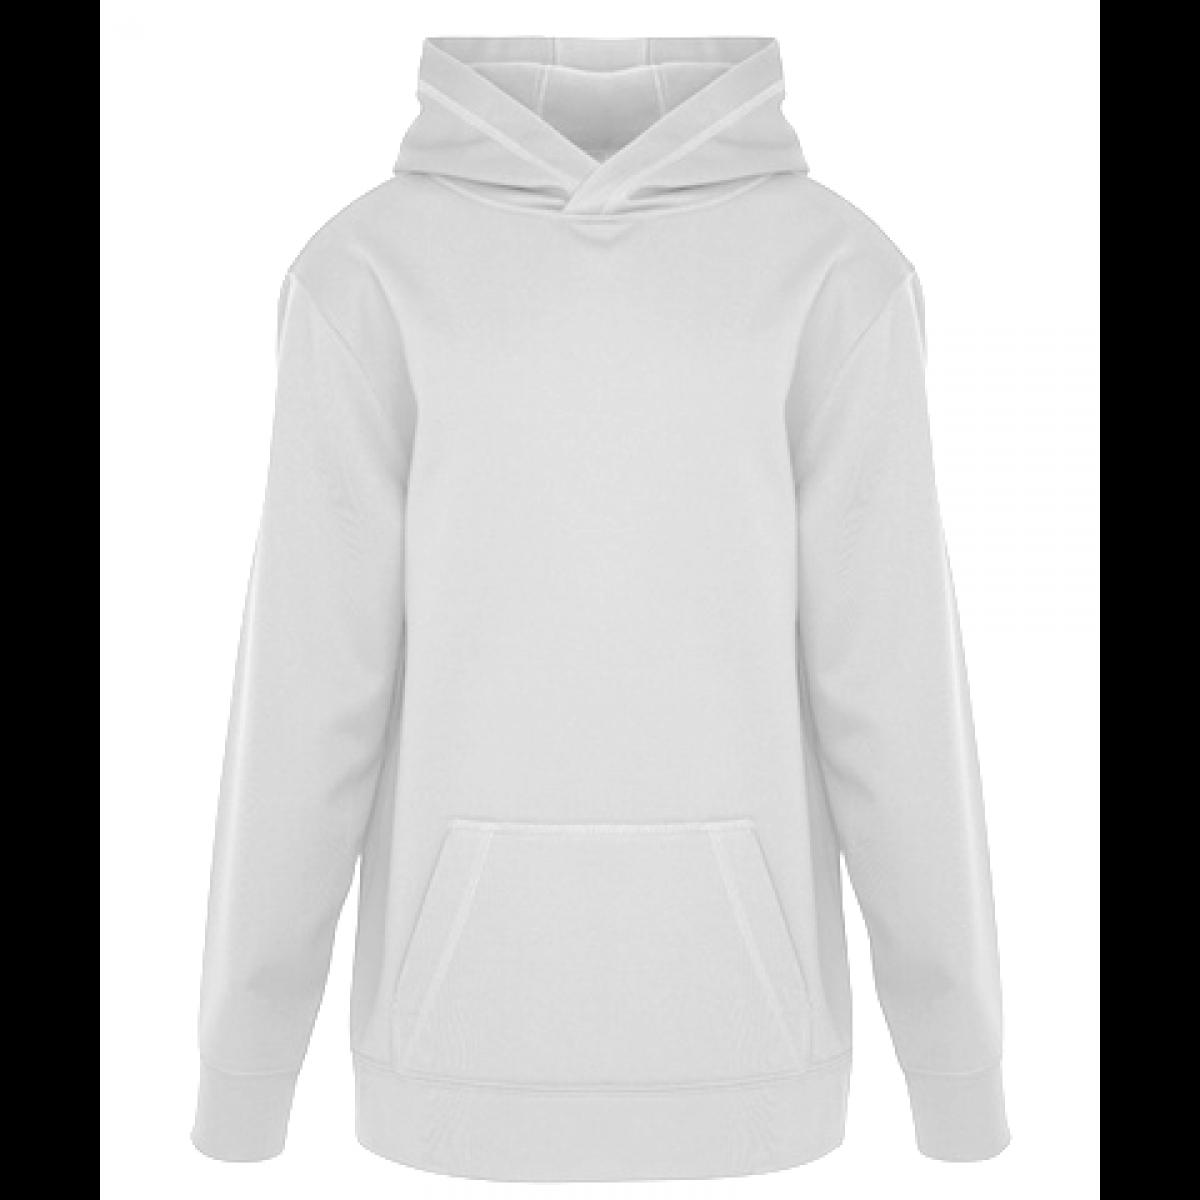 Game Day Fleece Hooded Ladies Sweatshirt